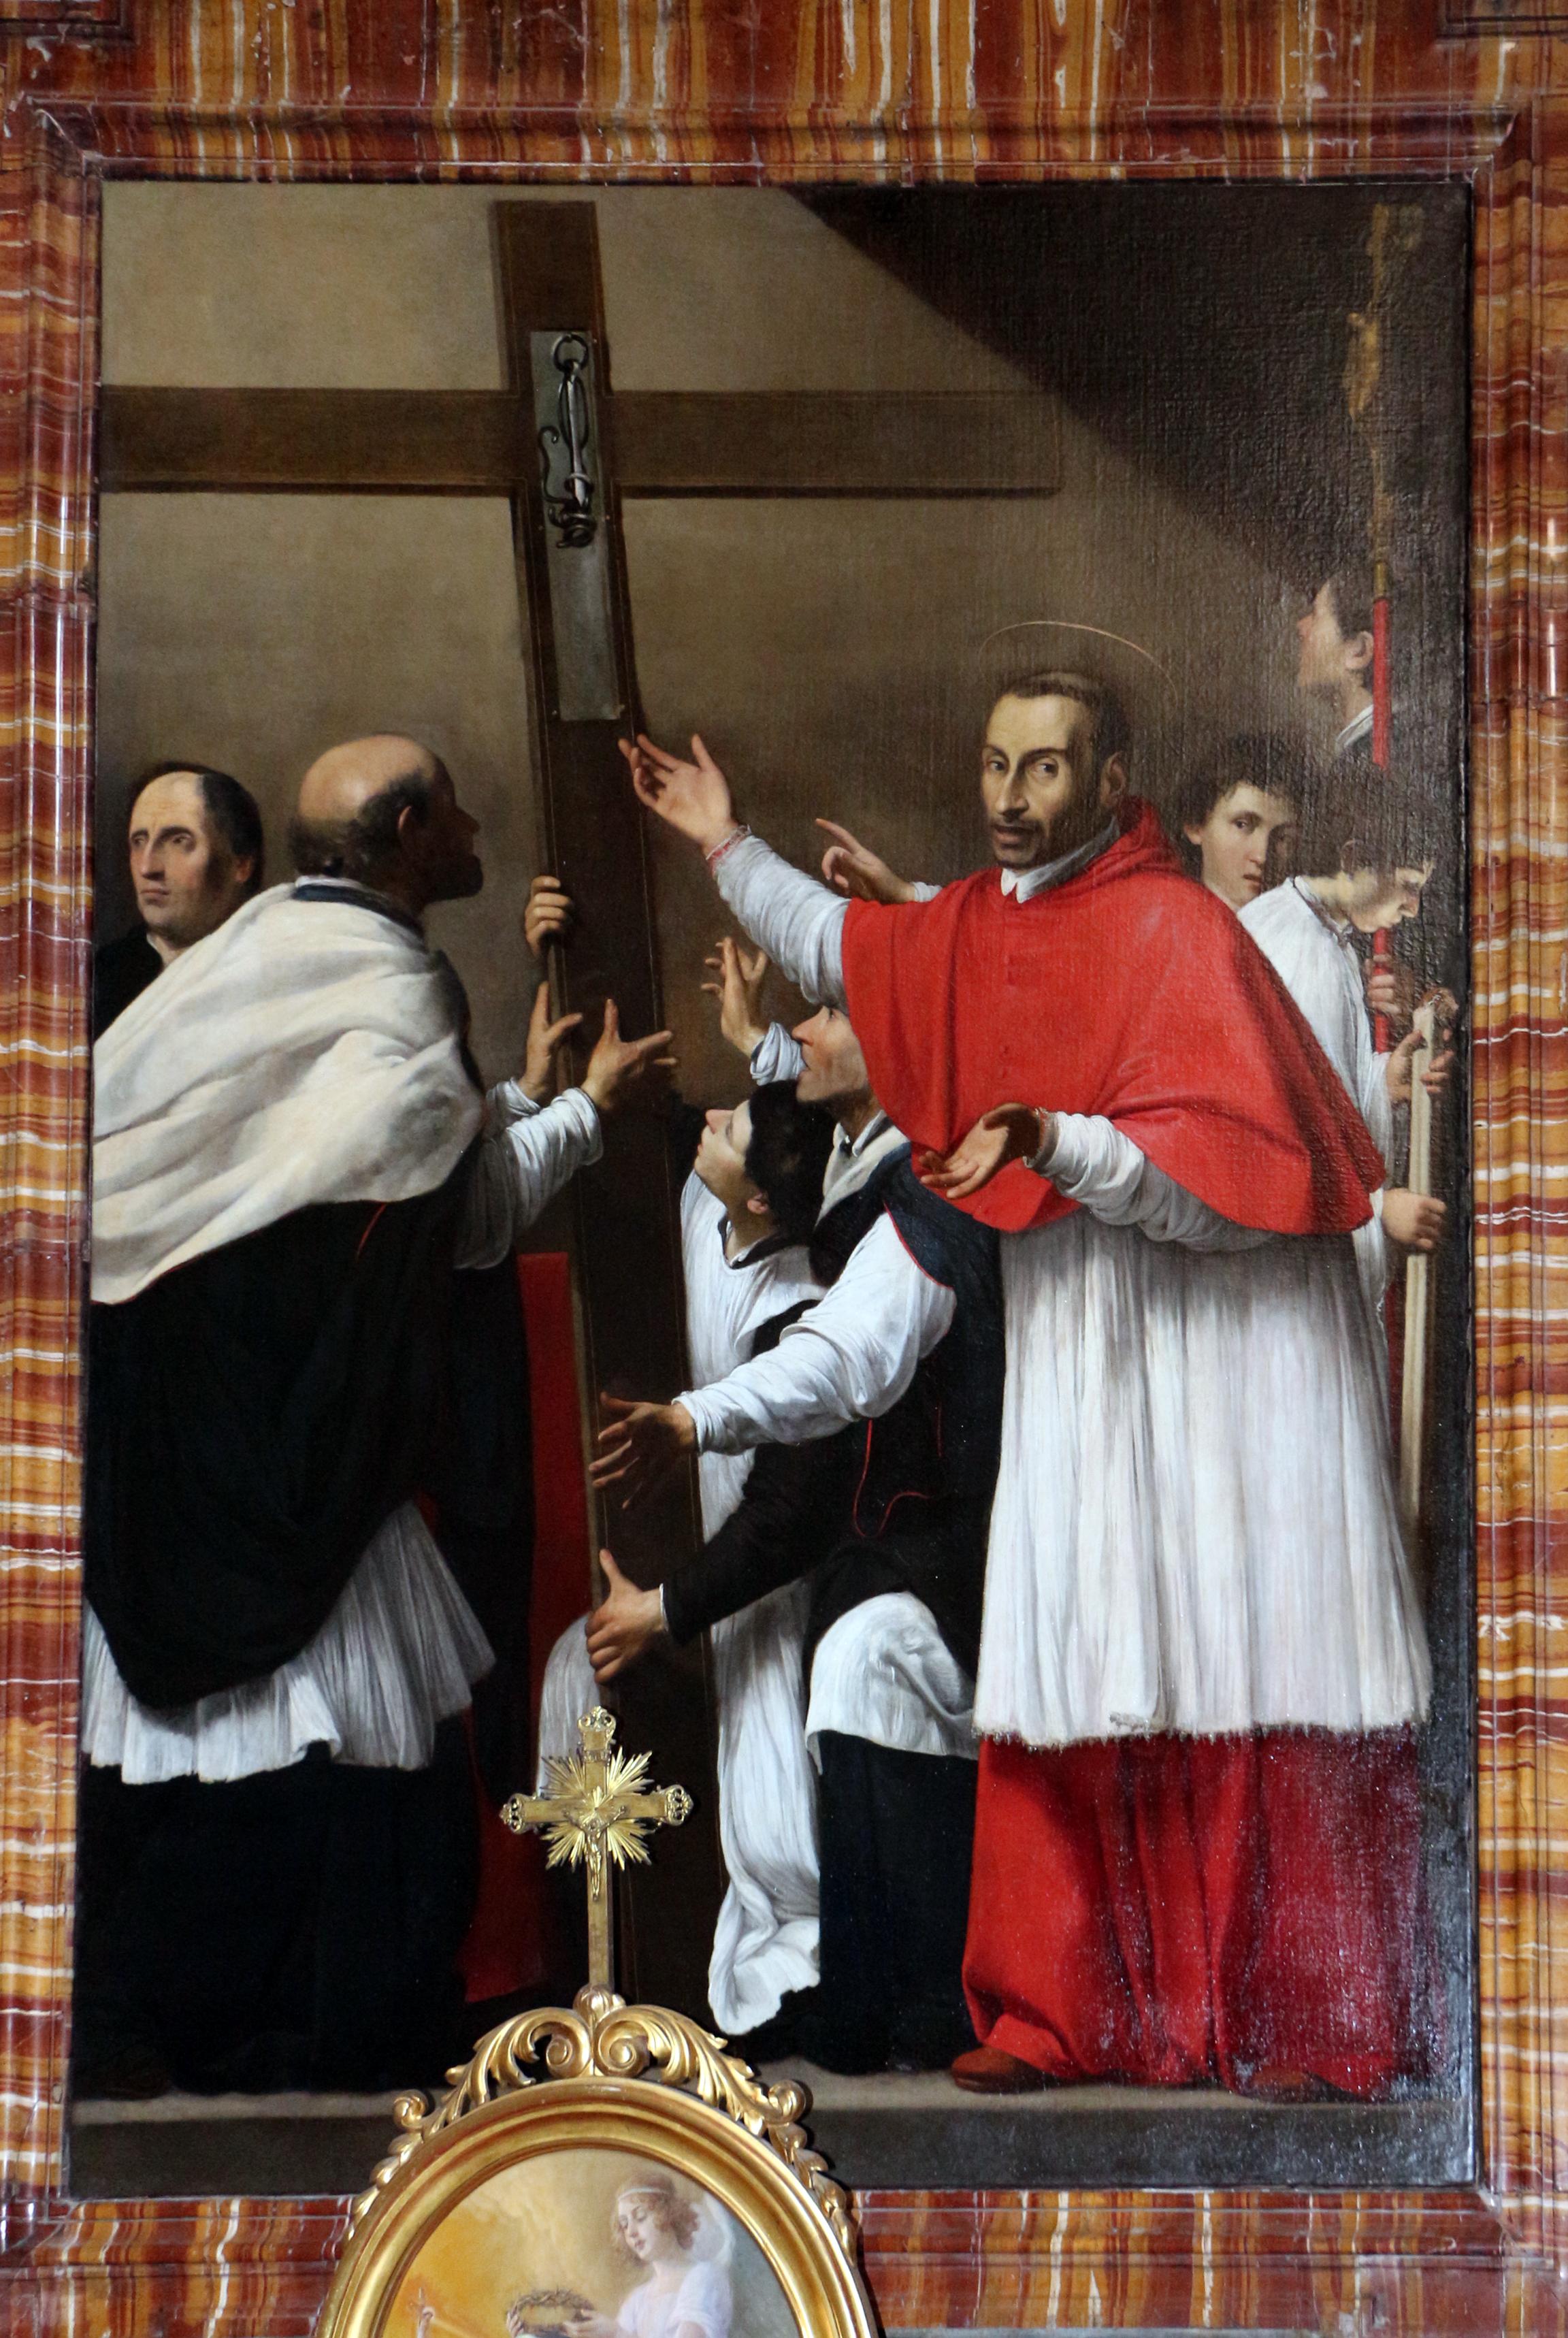 Scuola ecclesia mater un maestro per la quaresima e per i - Scuola carlo porta milano ...